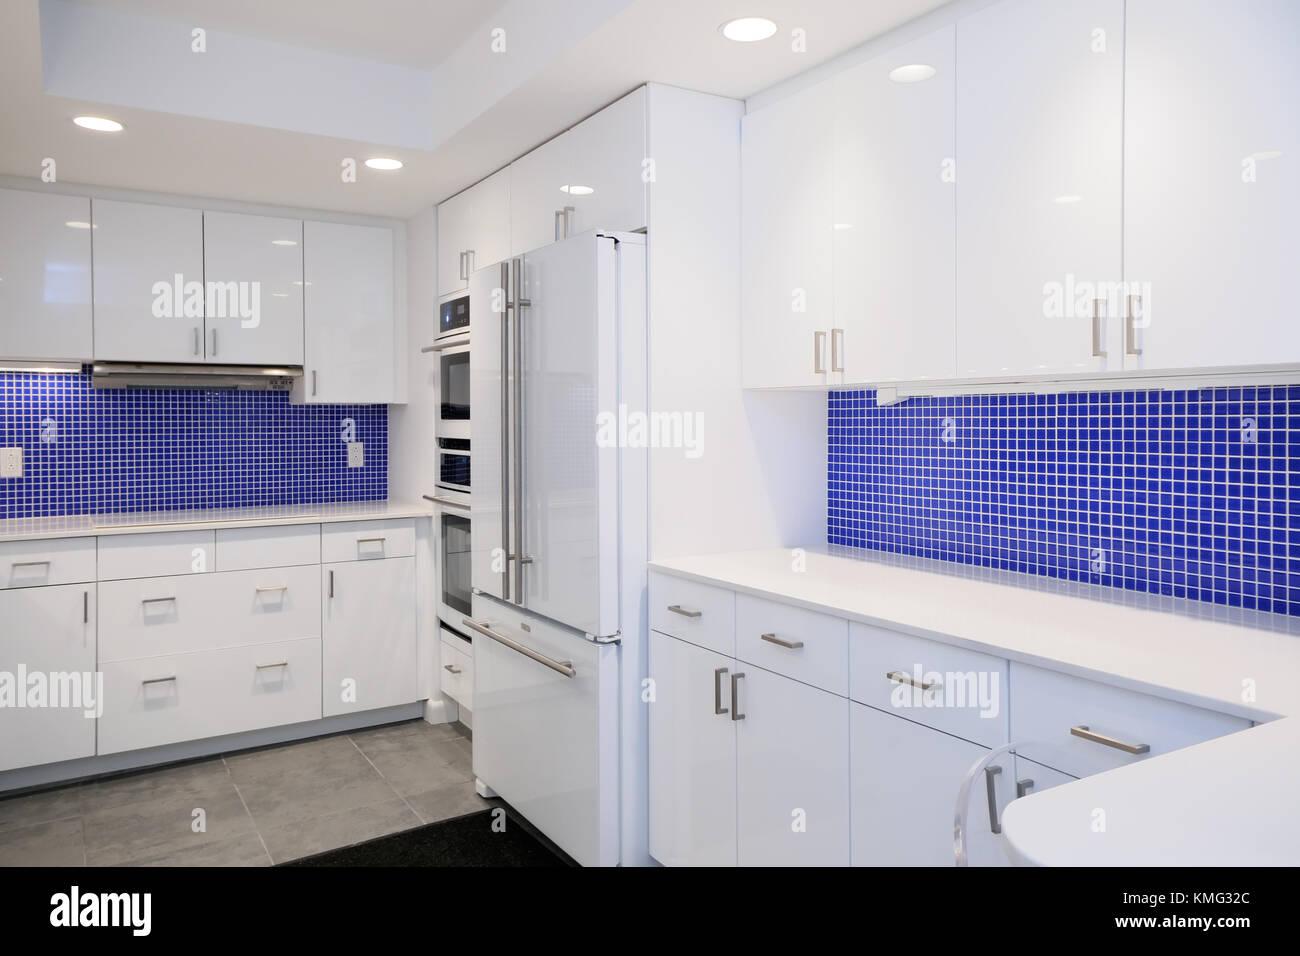 Piastrelle cucina bianche blu cucine moderne 3x3